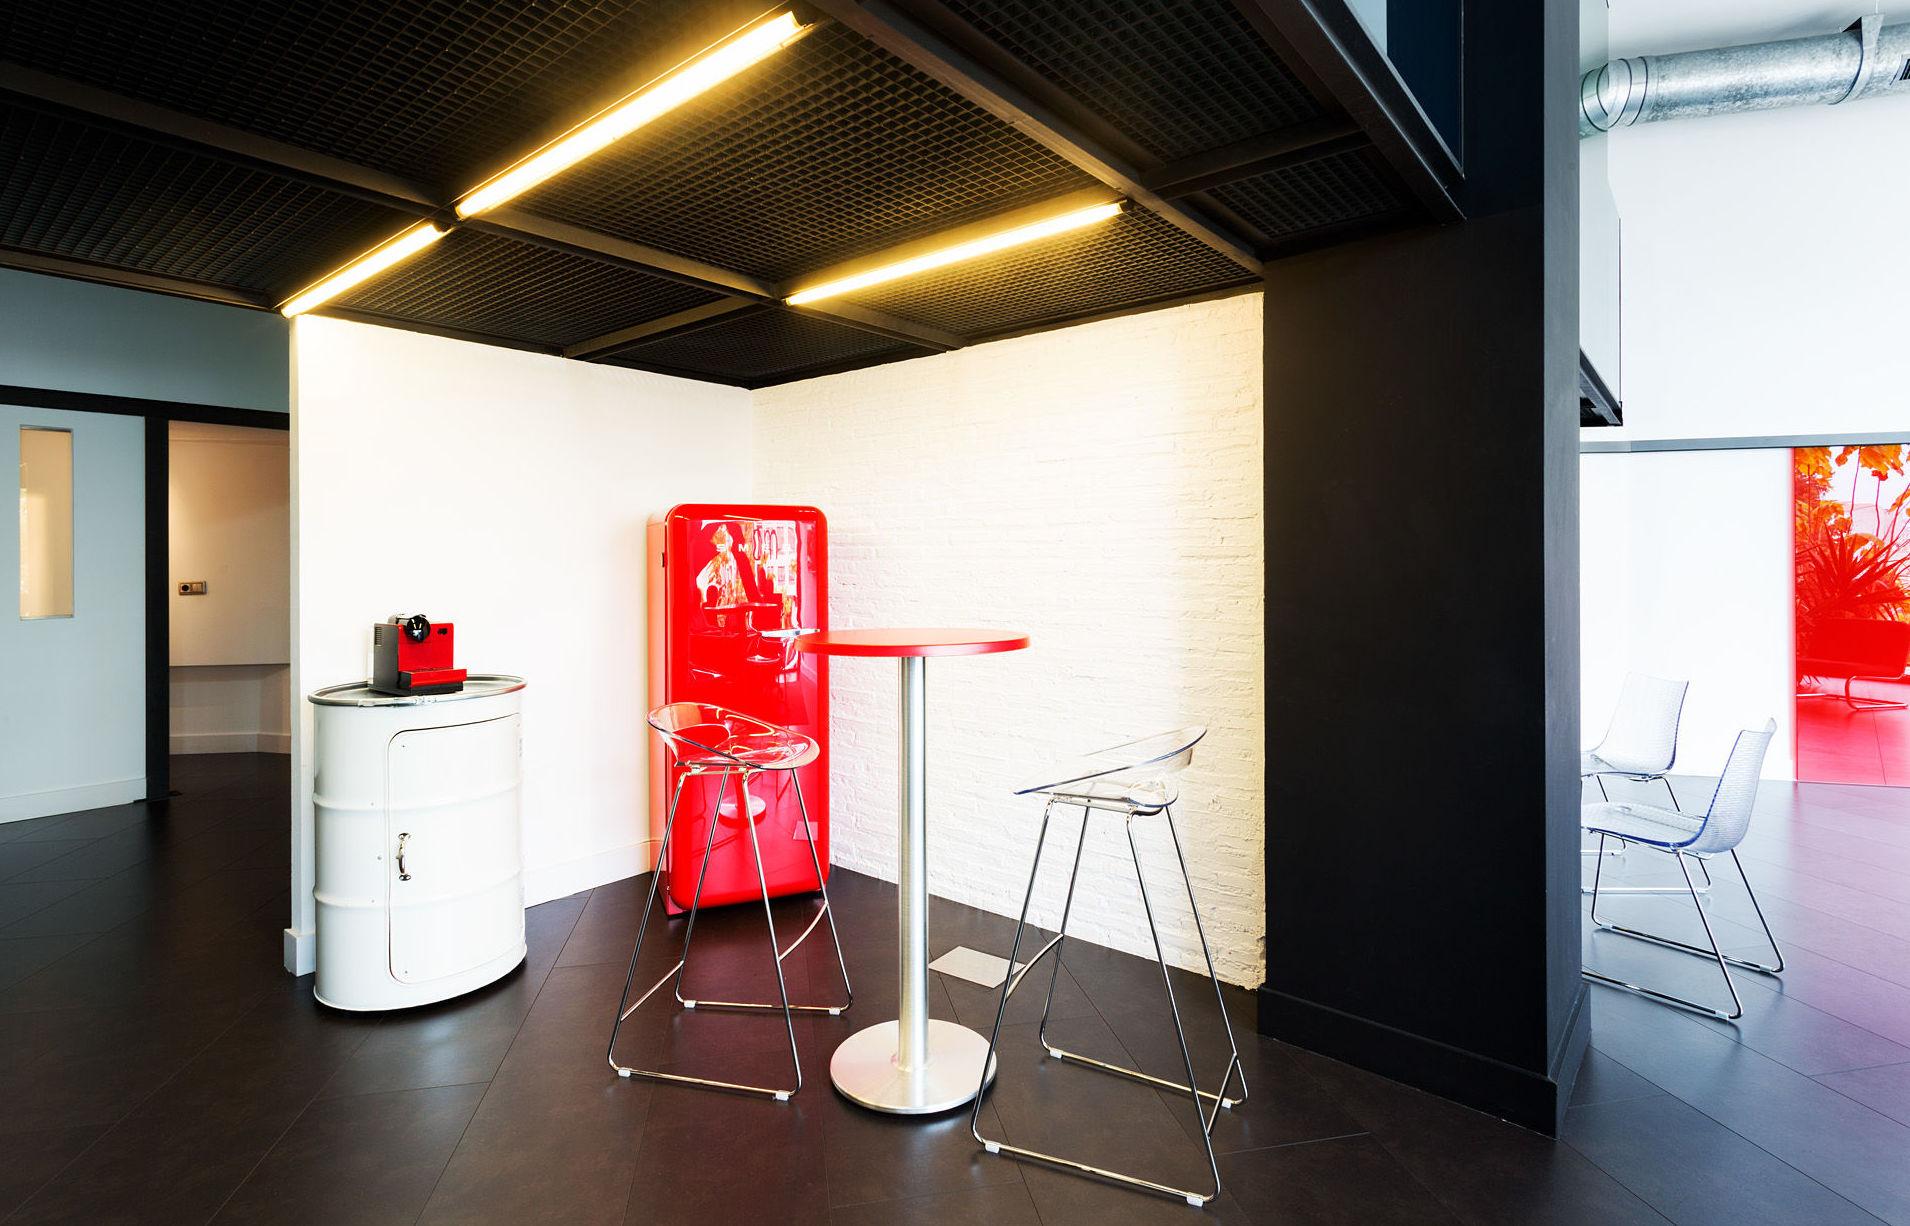 Distribuidor Vodafone para pymes y autónomos en Ourense